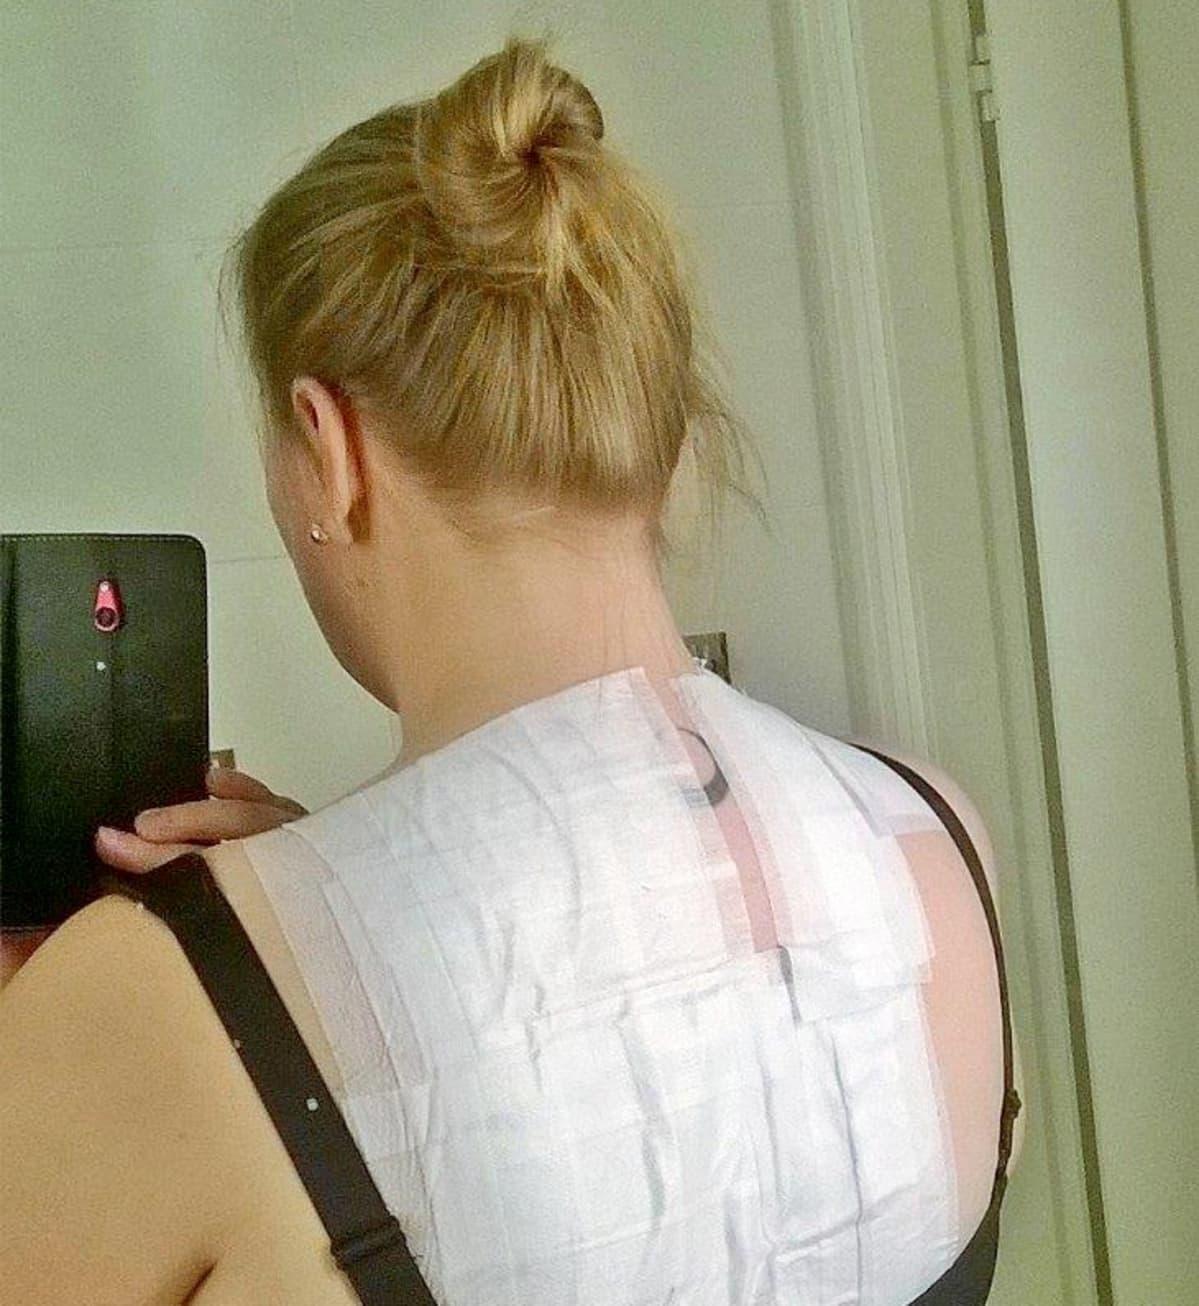 Kati Kristiina Mouhulla testataan, mille kaikille aineille hän on herkistynyt tai allergisoitunut.